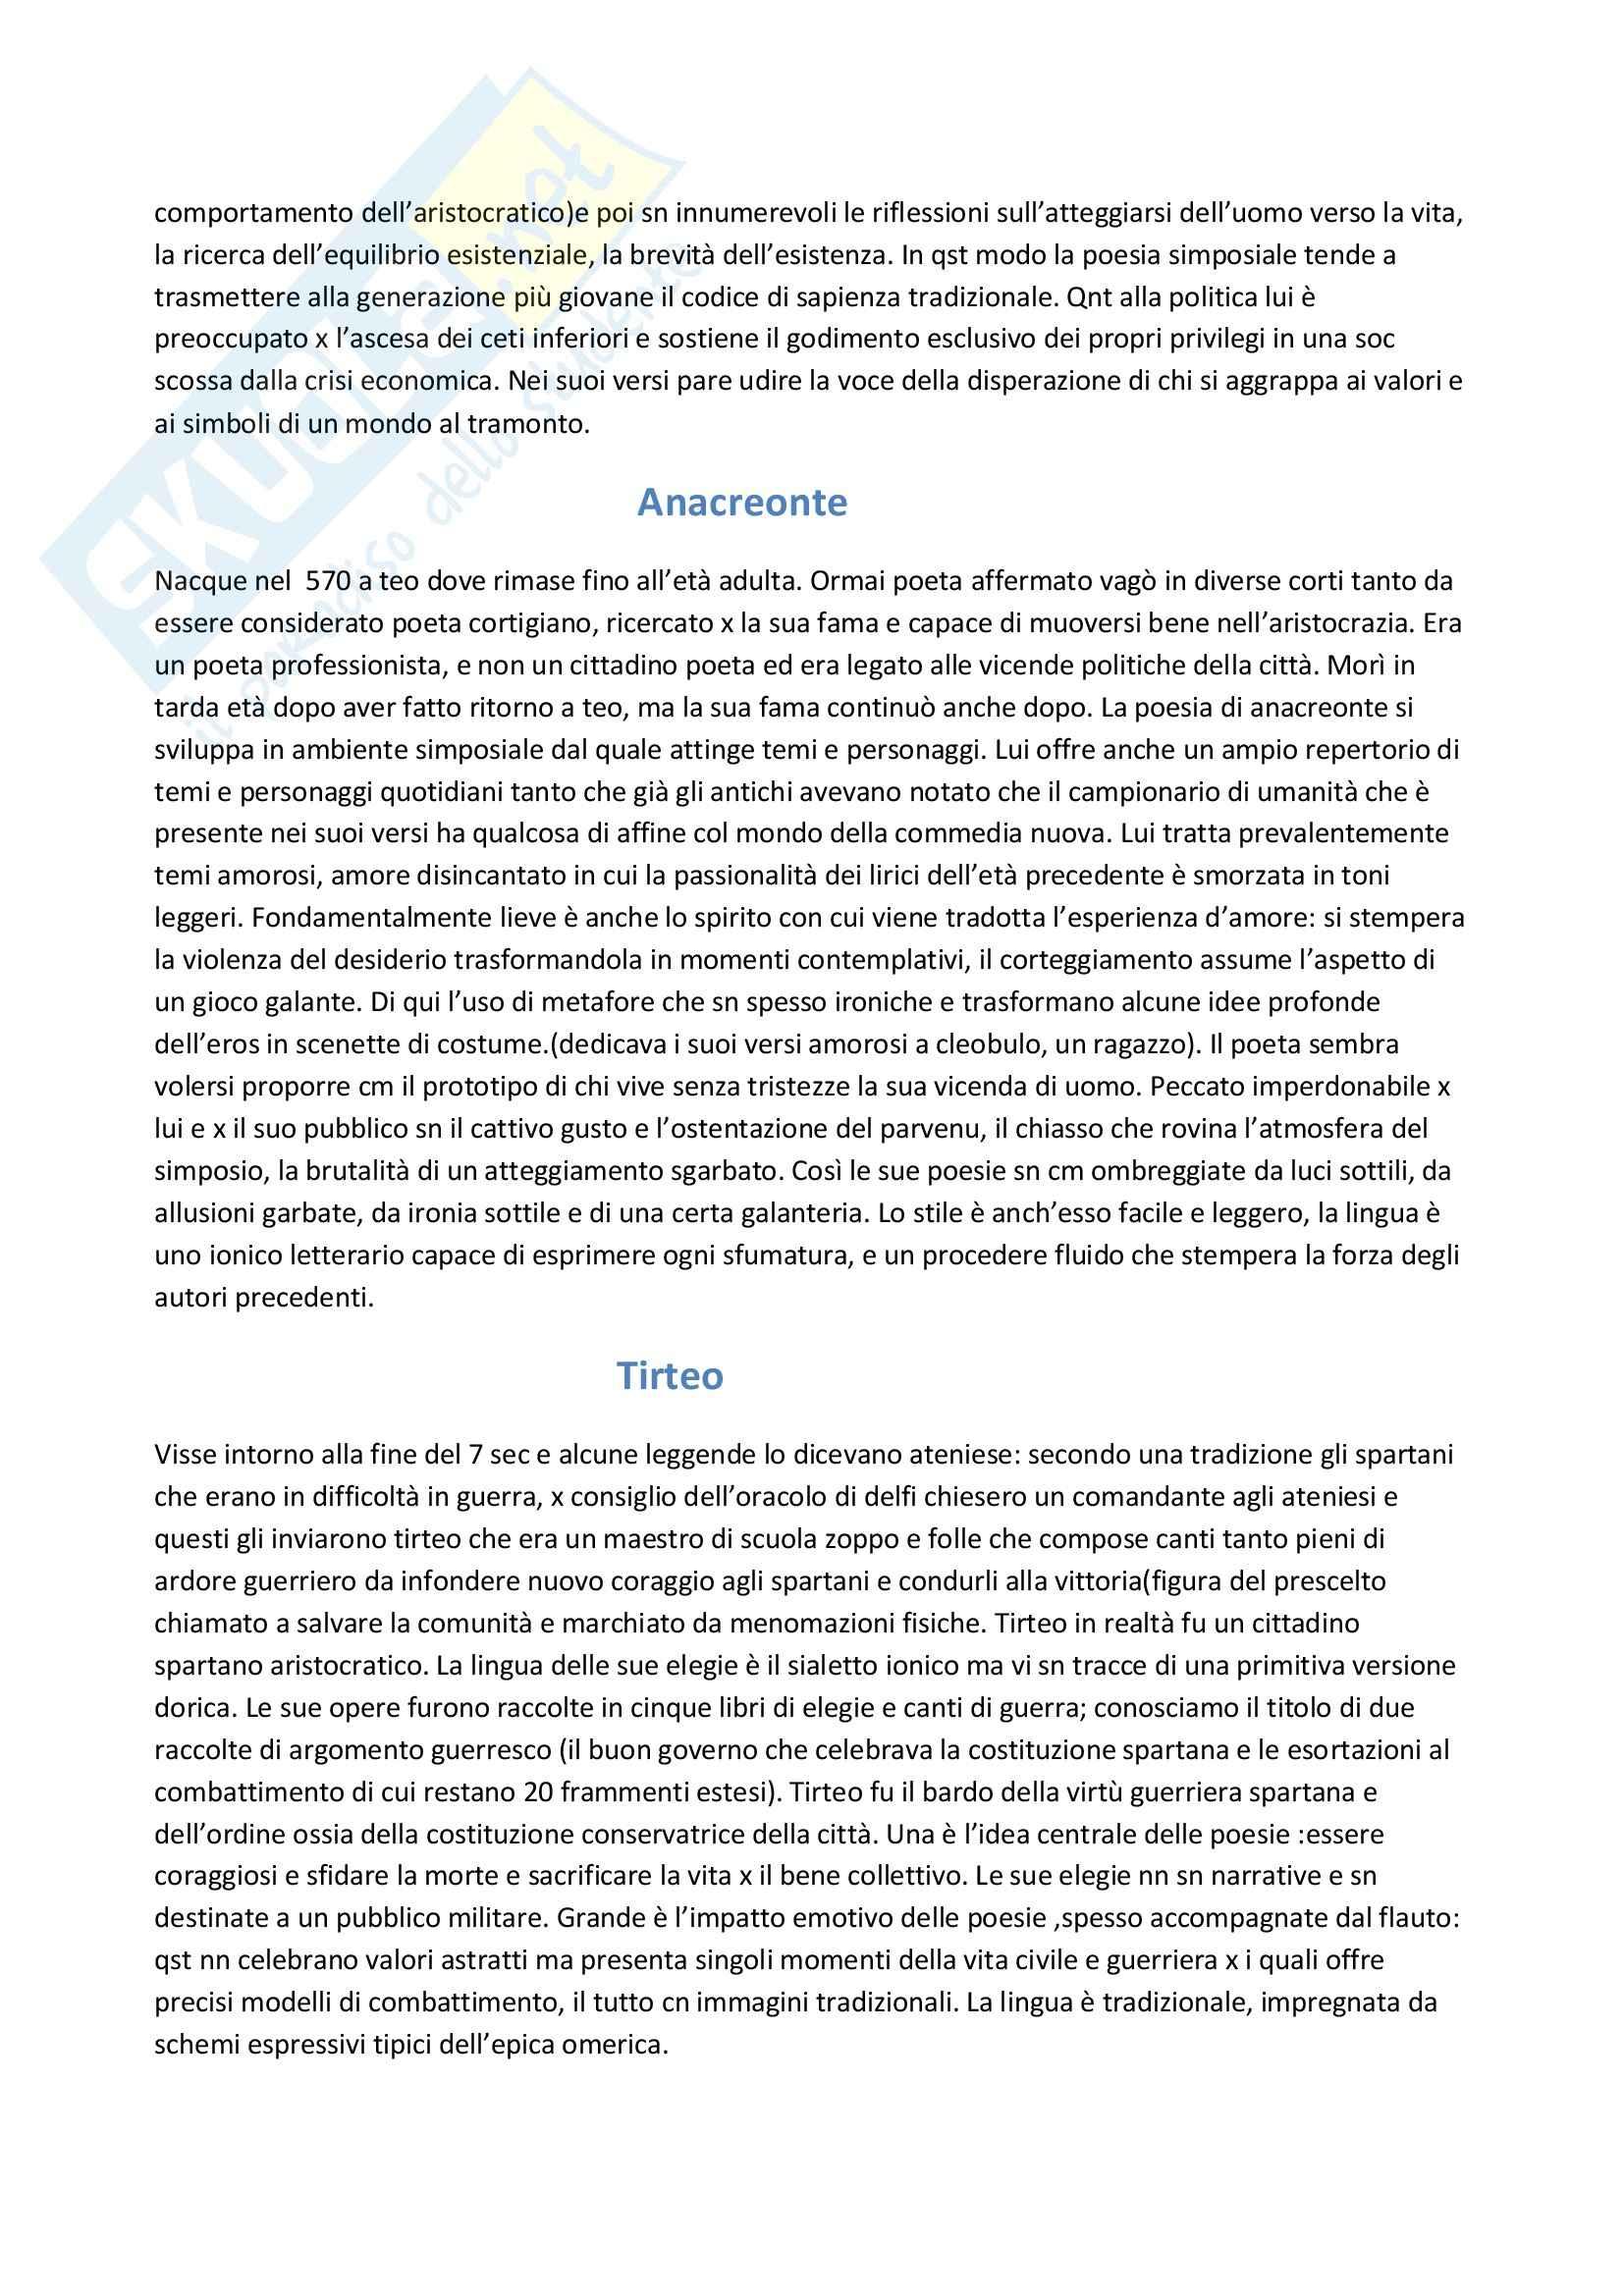 Parte istituzionale, Letteratura greca Pag. 11